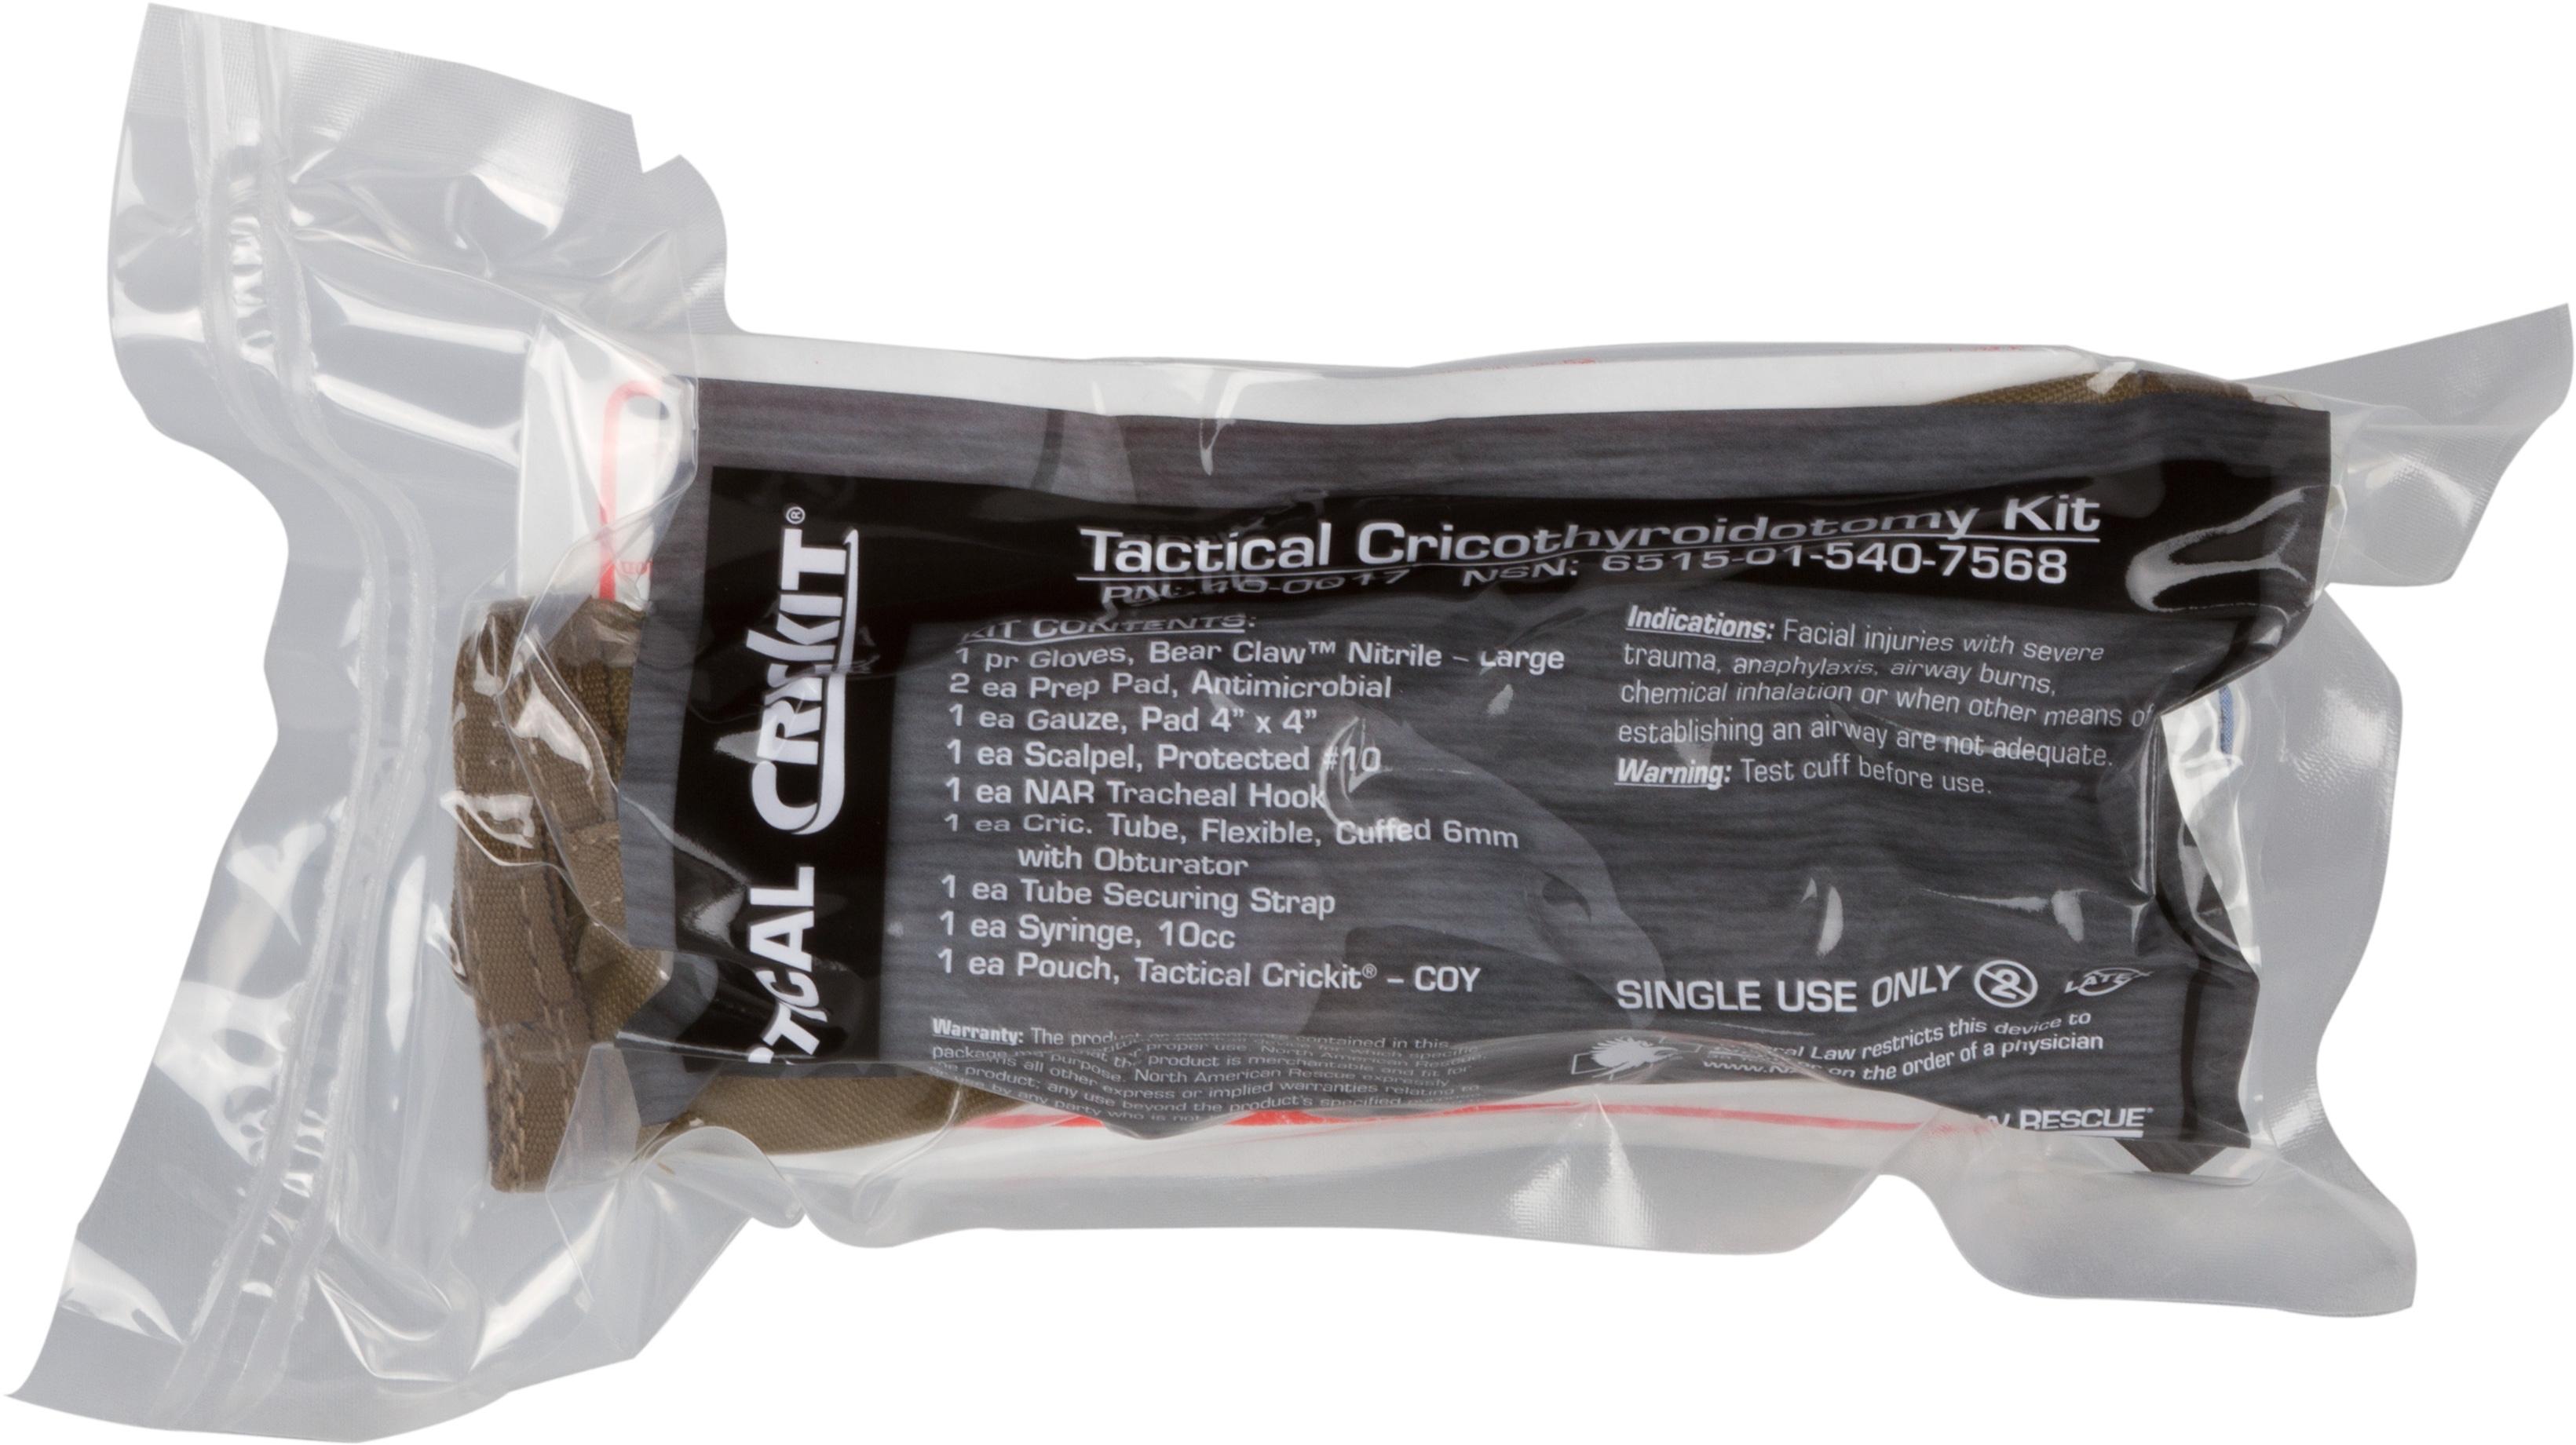 taccrickit-bag.jpg